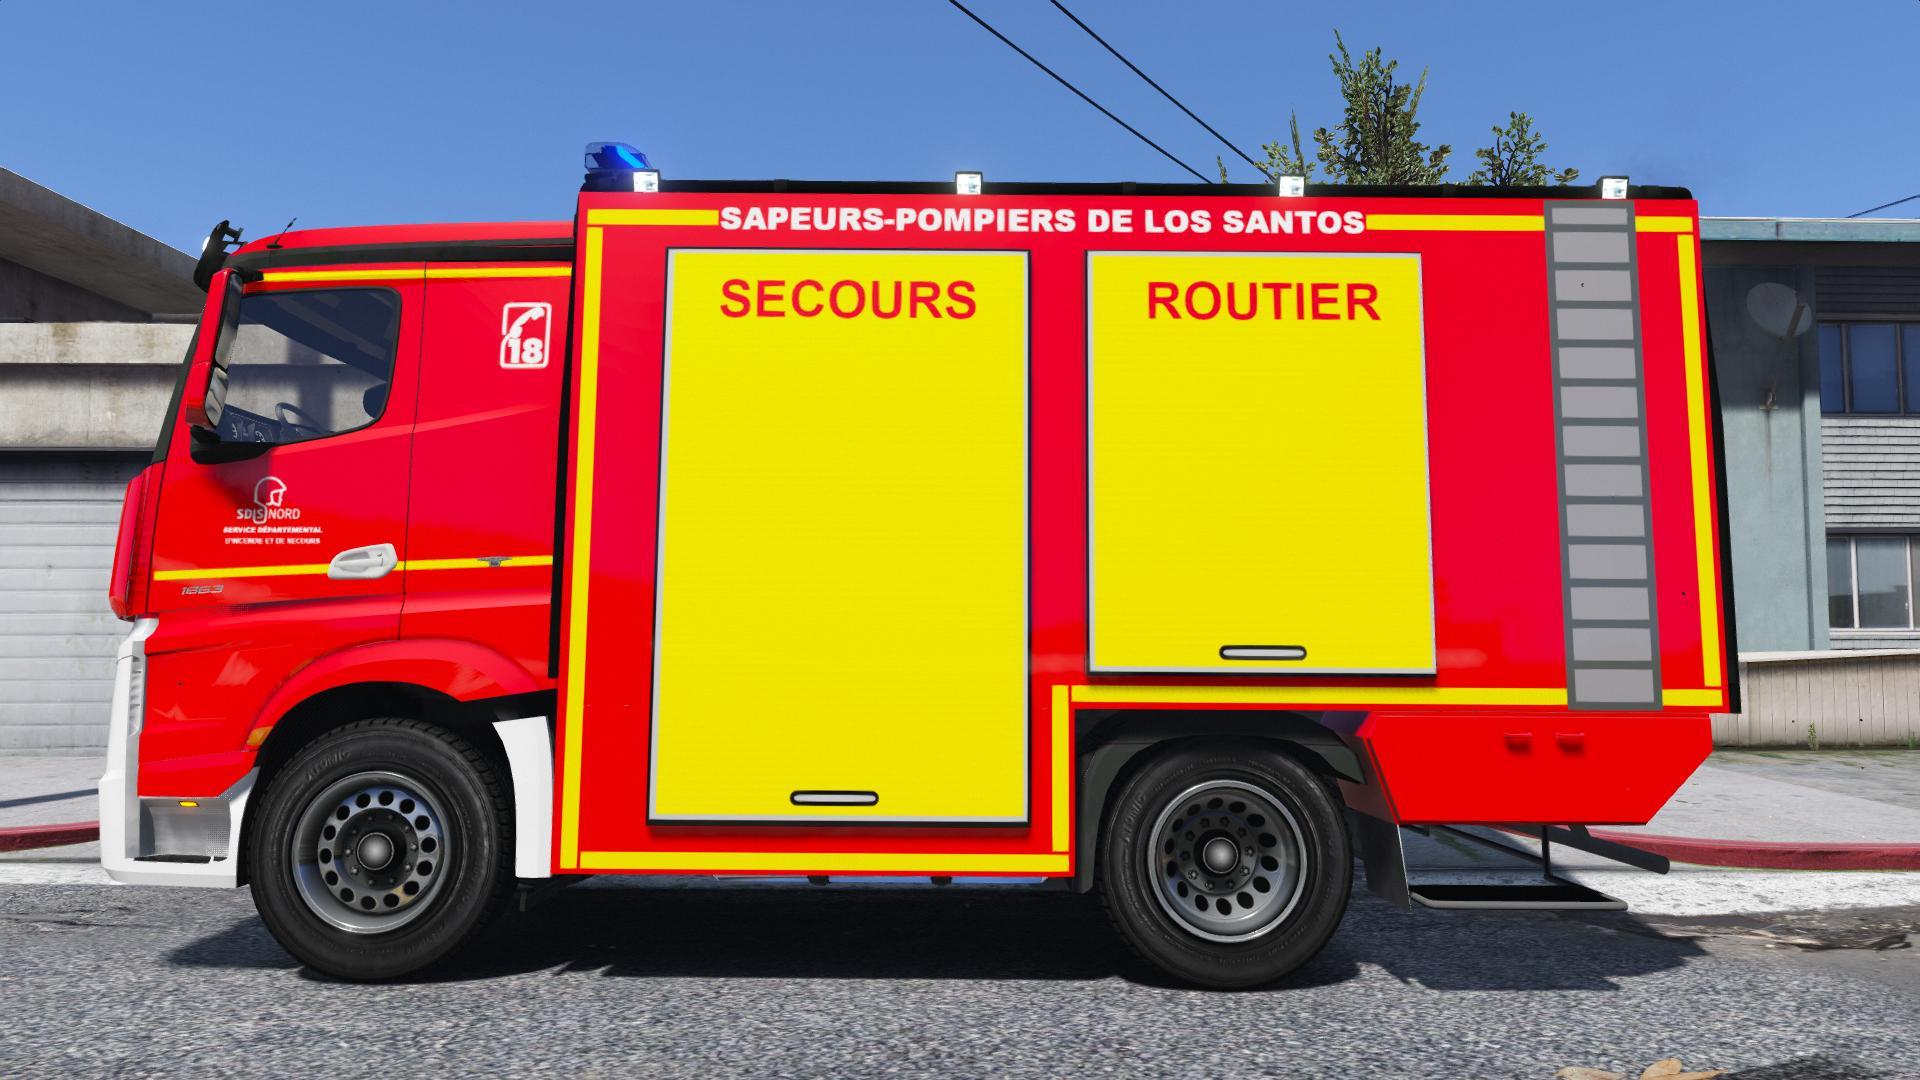 Vsr Sapeurs Pompiers Nouvelle Version Gta5 Mods Com